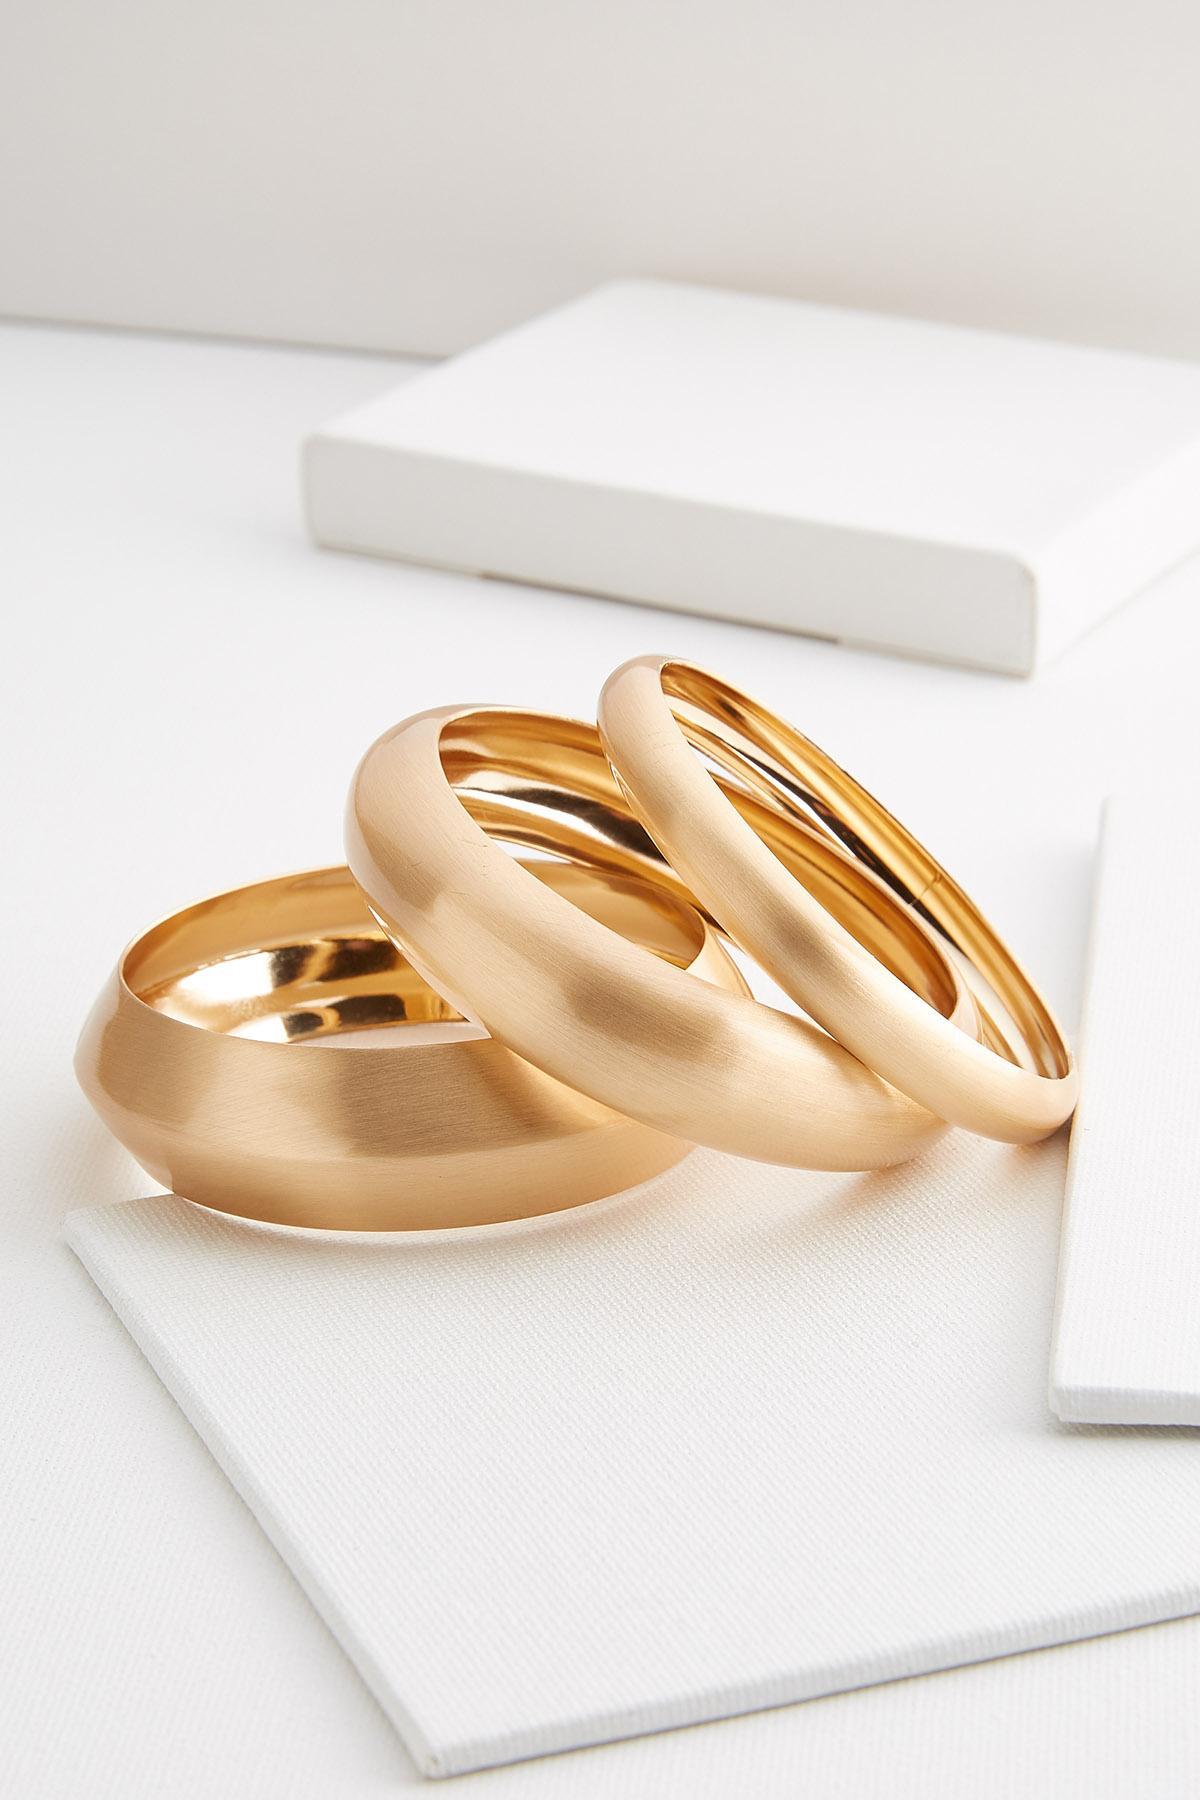 Vintage Gold Bangle Bracelets